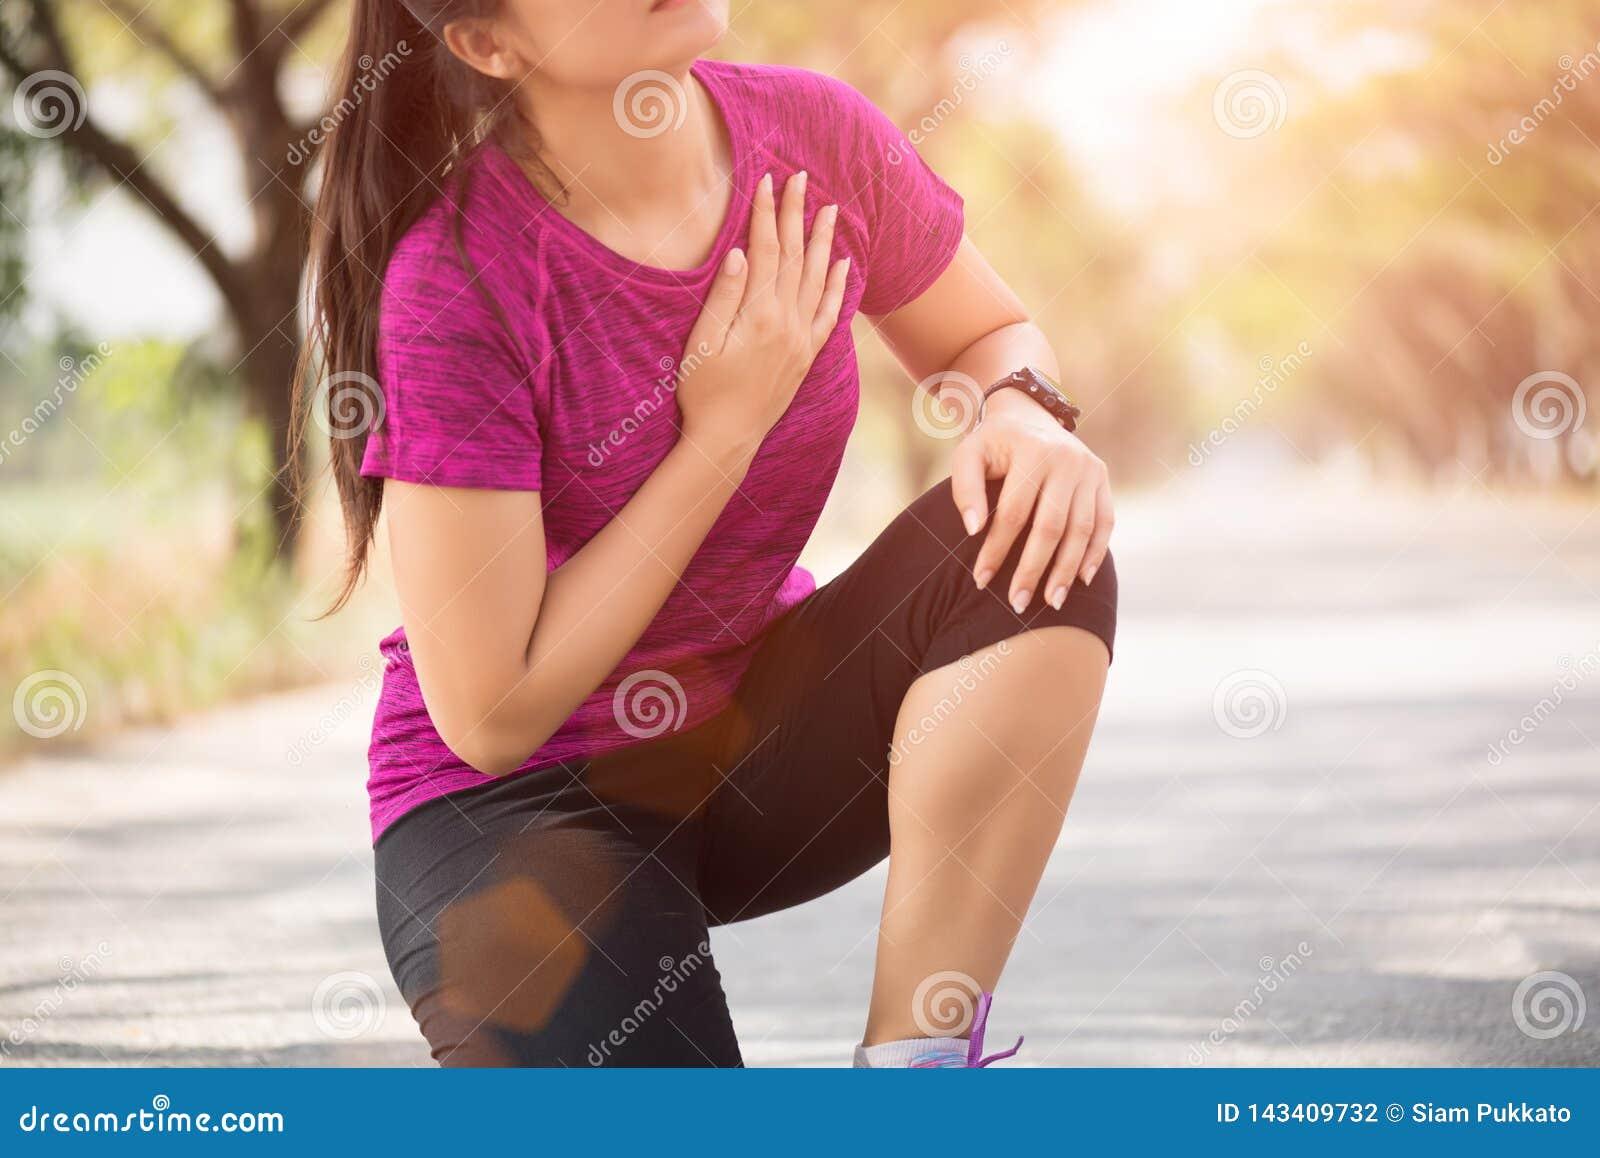 La fille de sport ont la douleur thoracique après avoir pulsé ou en courant établissez en parc Concept de sport et de soins de sa